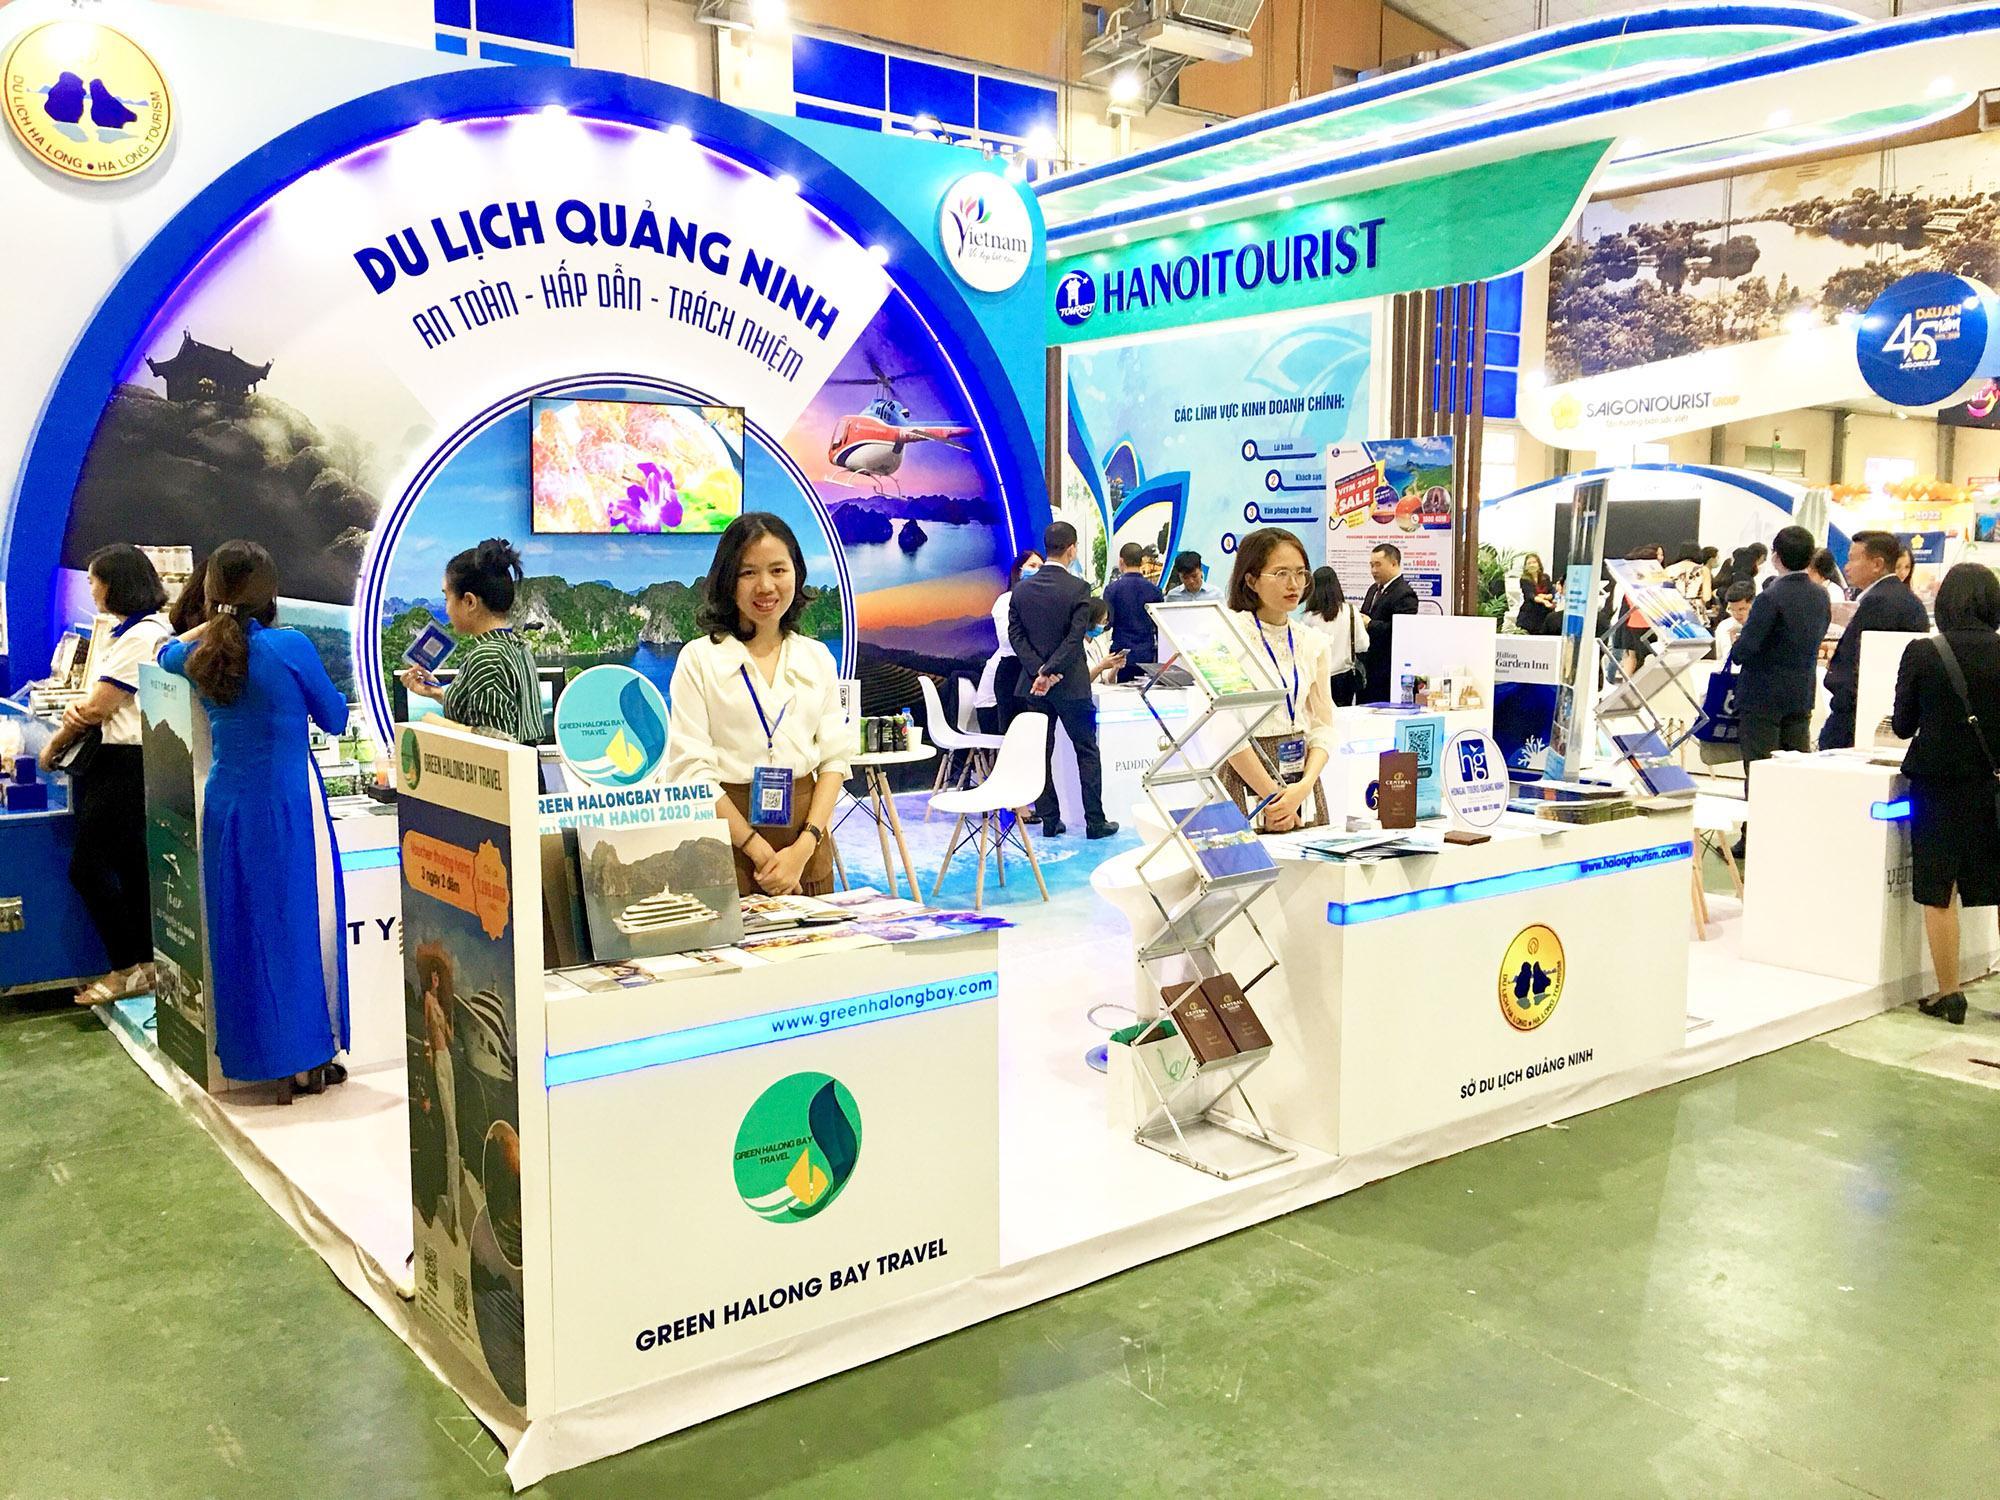 Quảng Ninh tham dự Hội chợ Quốc tế du lịch Việt Nam 2020 Ảnh 1